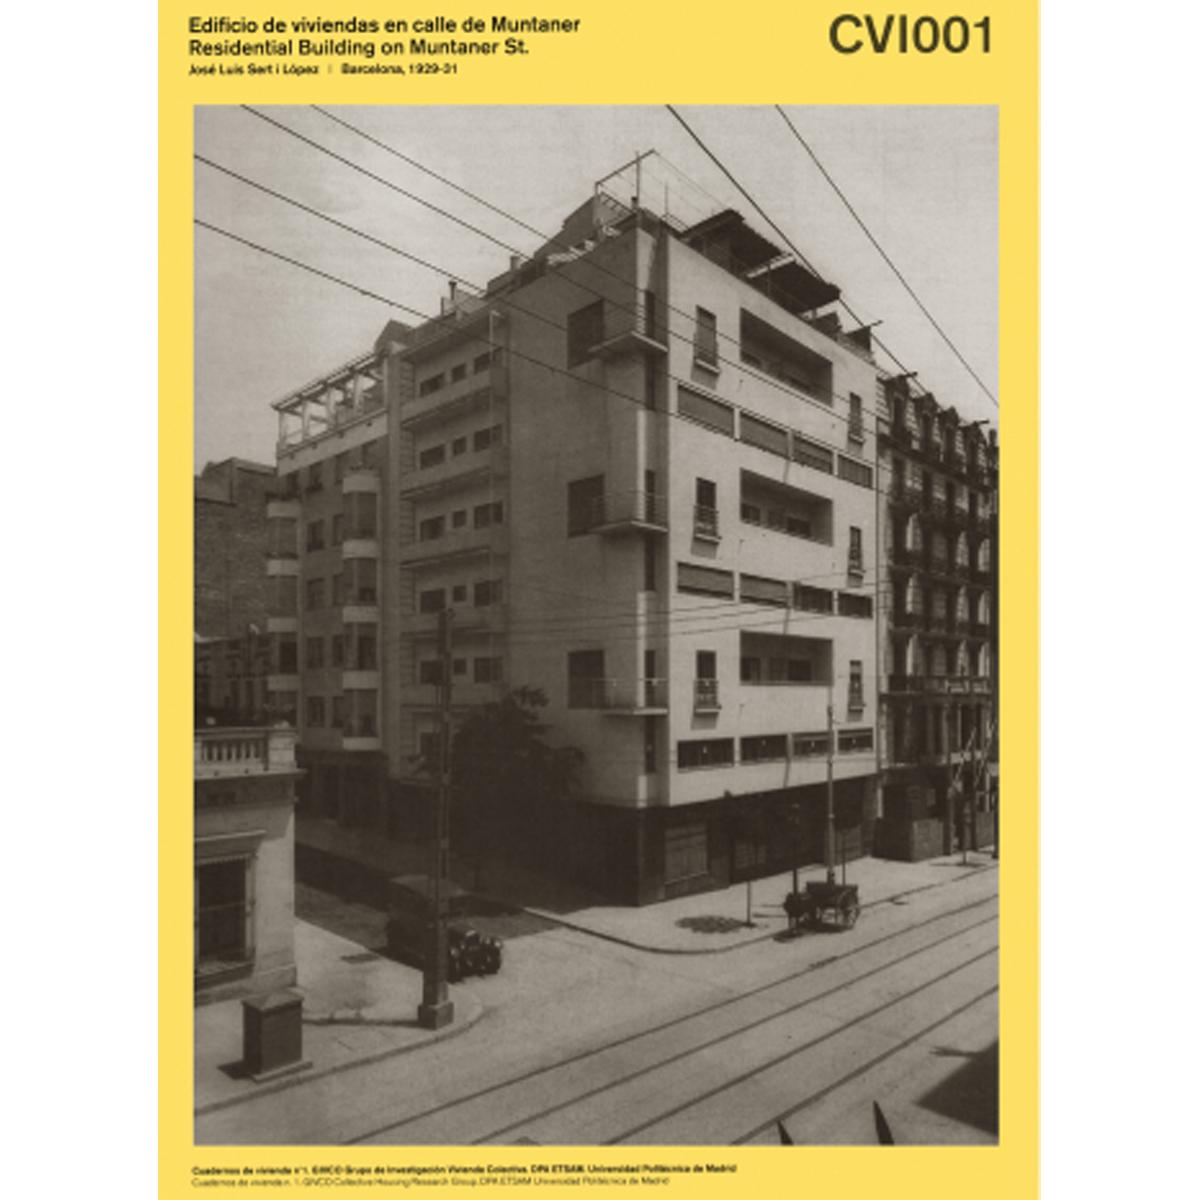 Cuadernos de vivienda: Edificio de viviendas en calle de Muntaner